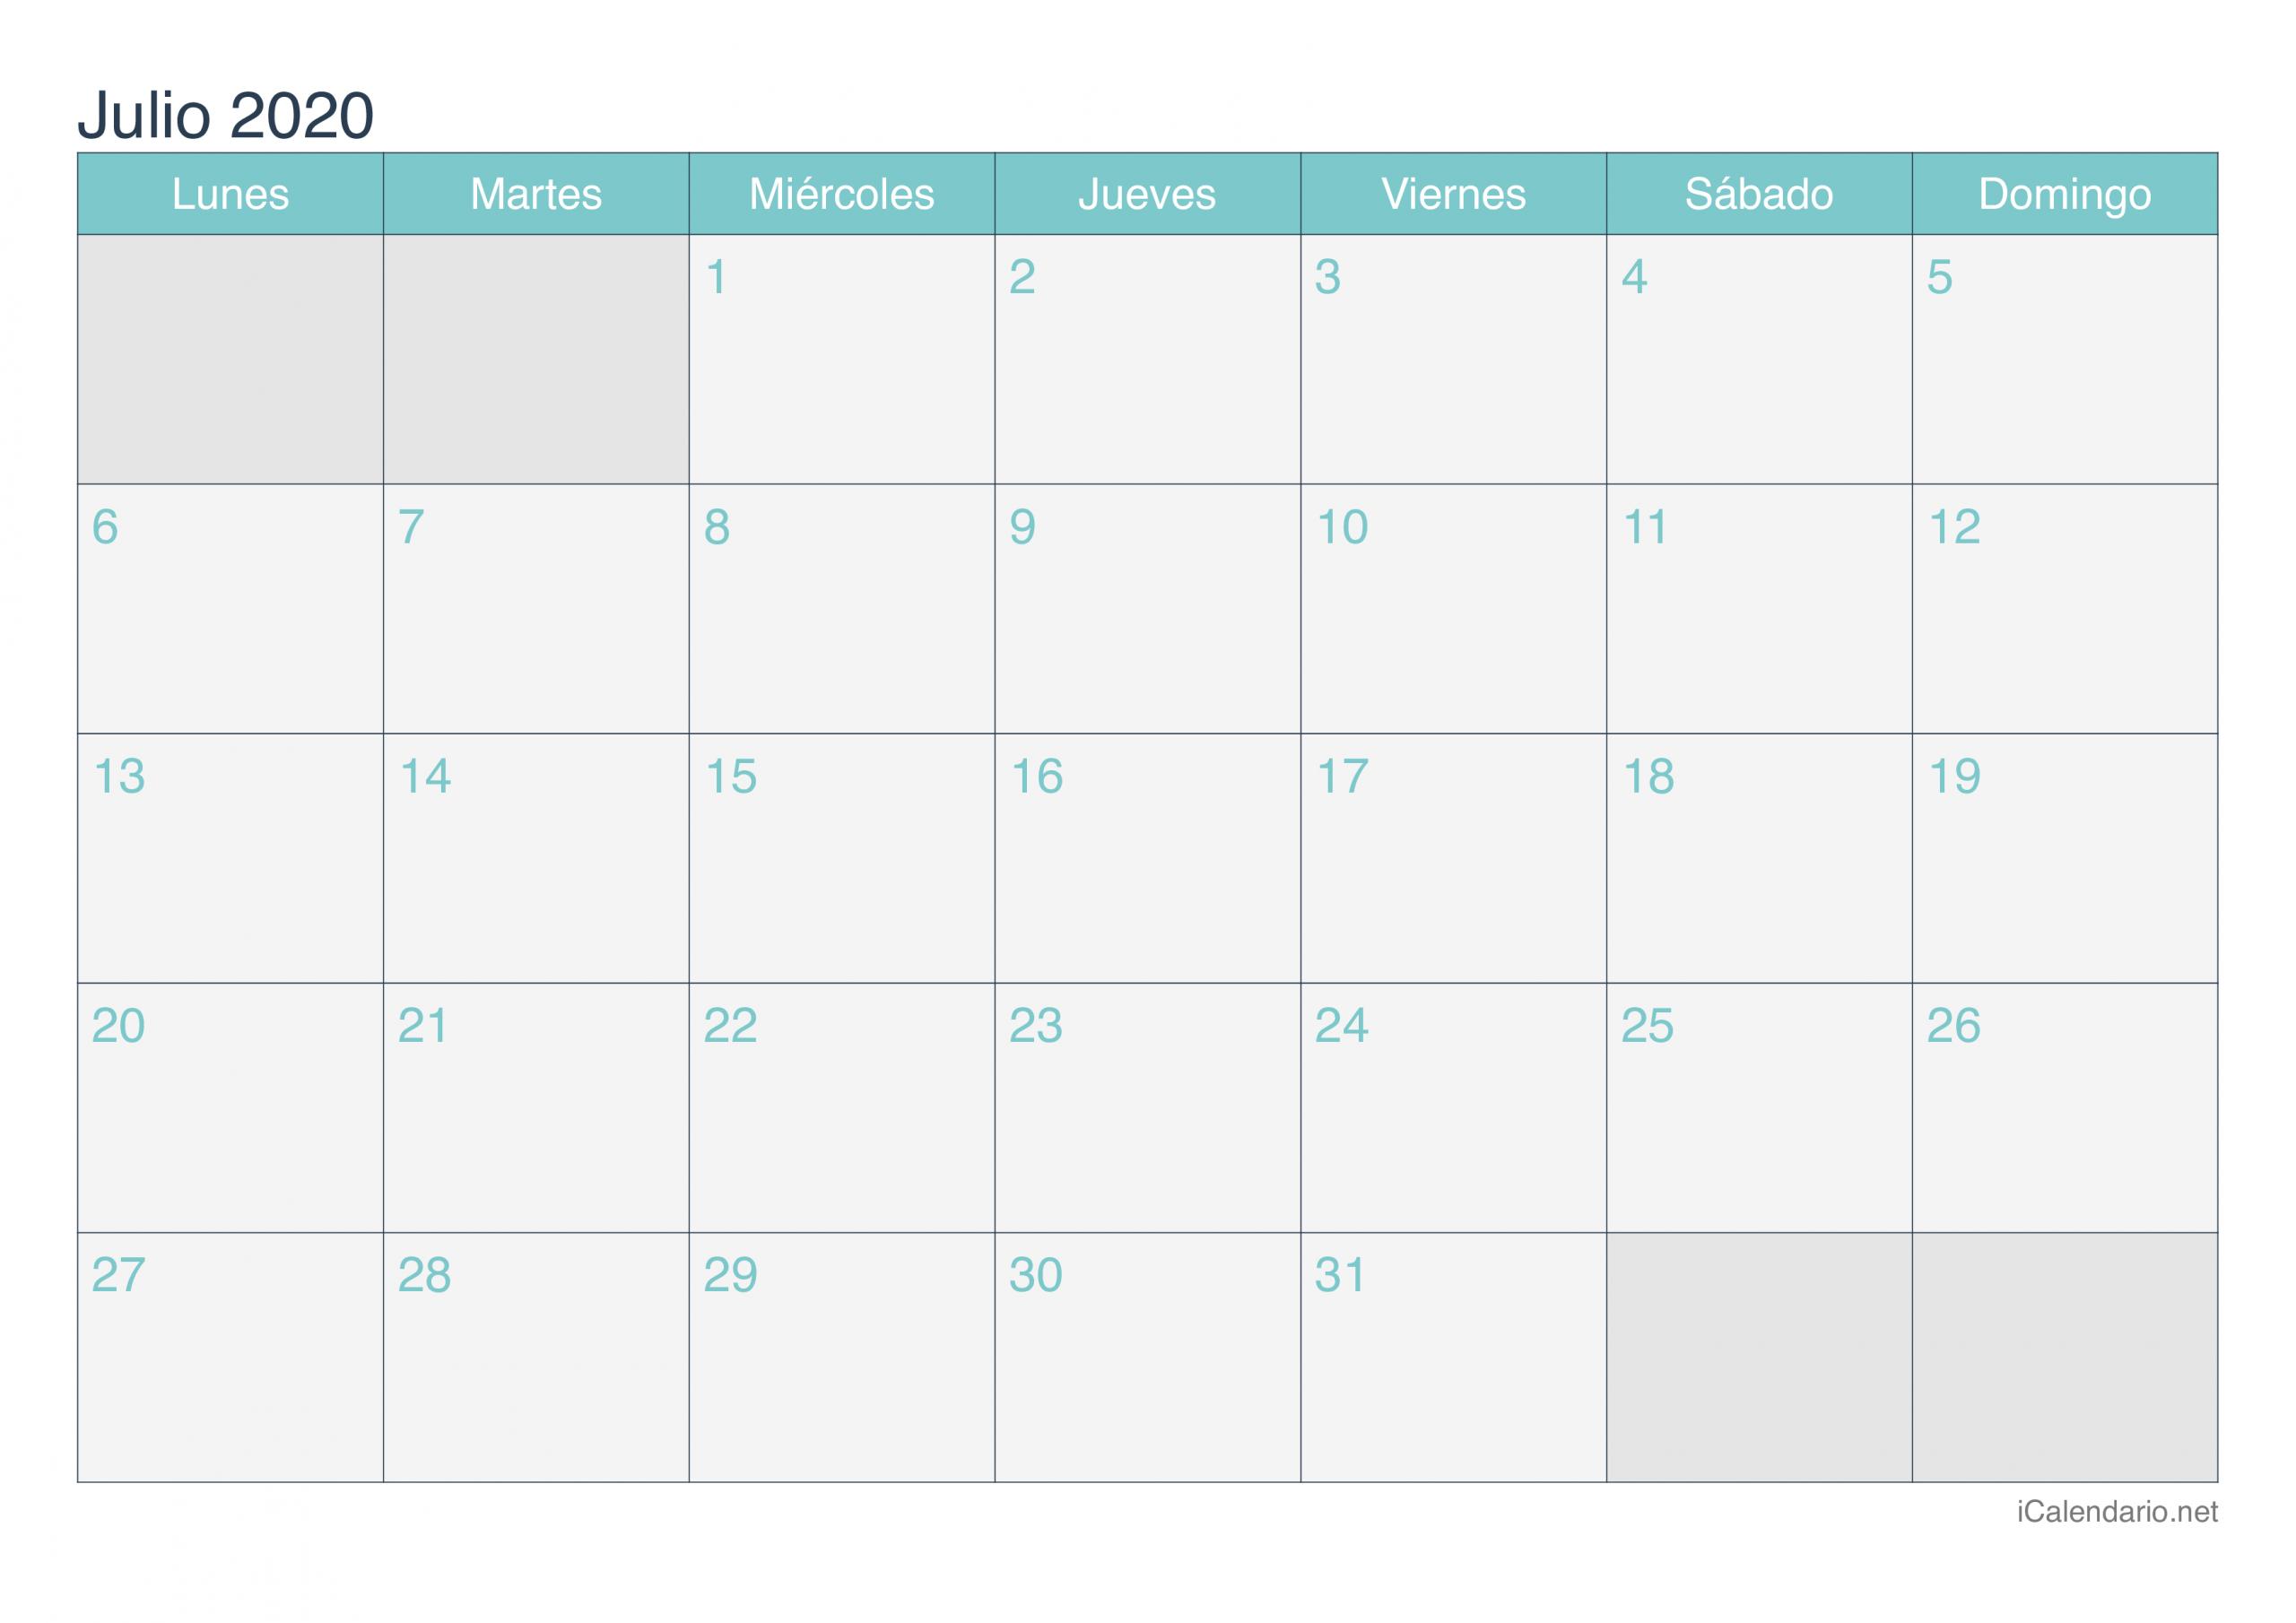 Calendario Julio 2020 Para Imprimir - Icalendario